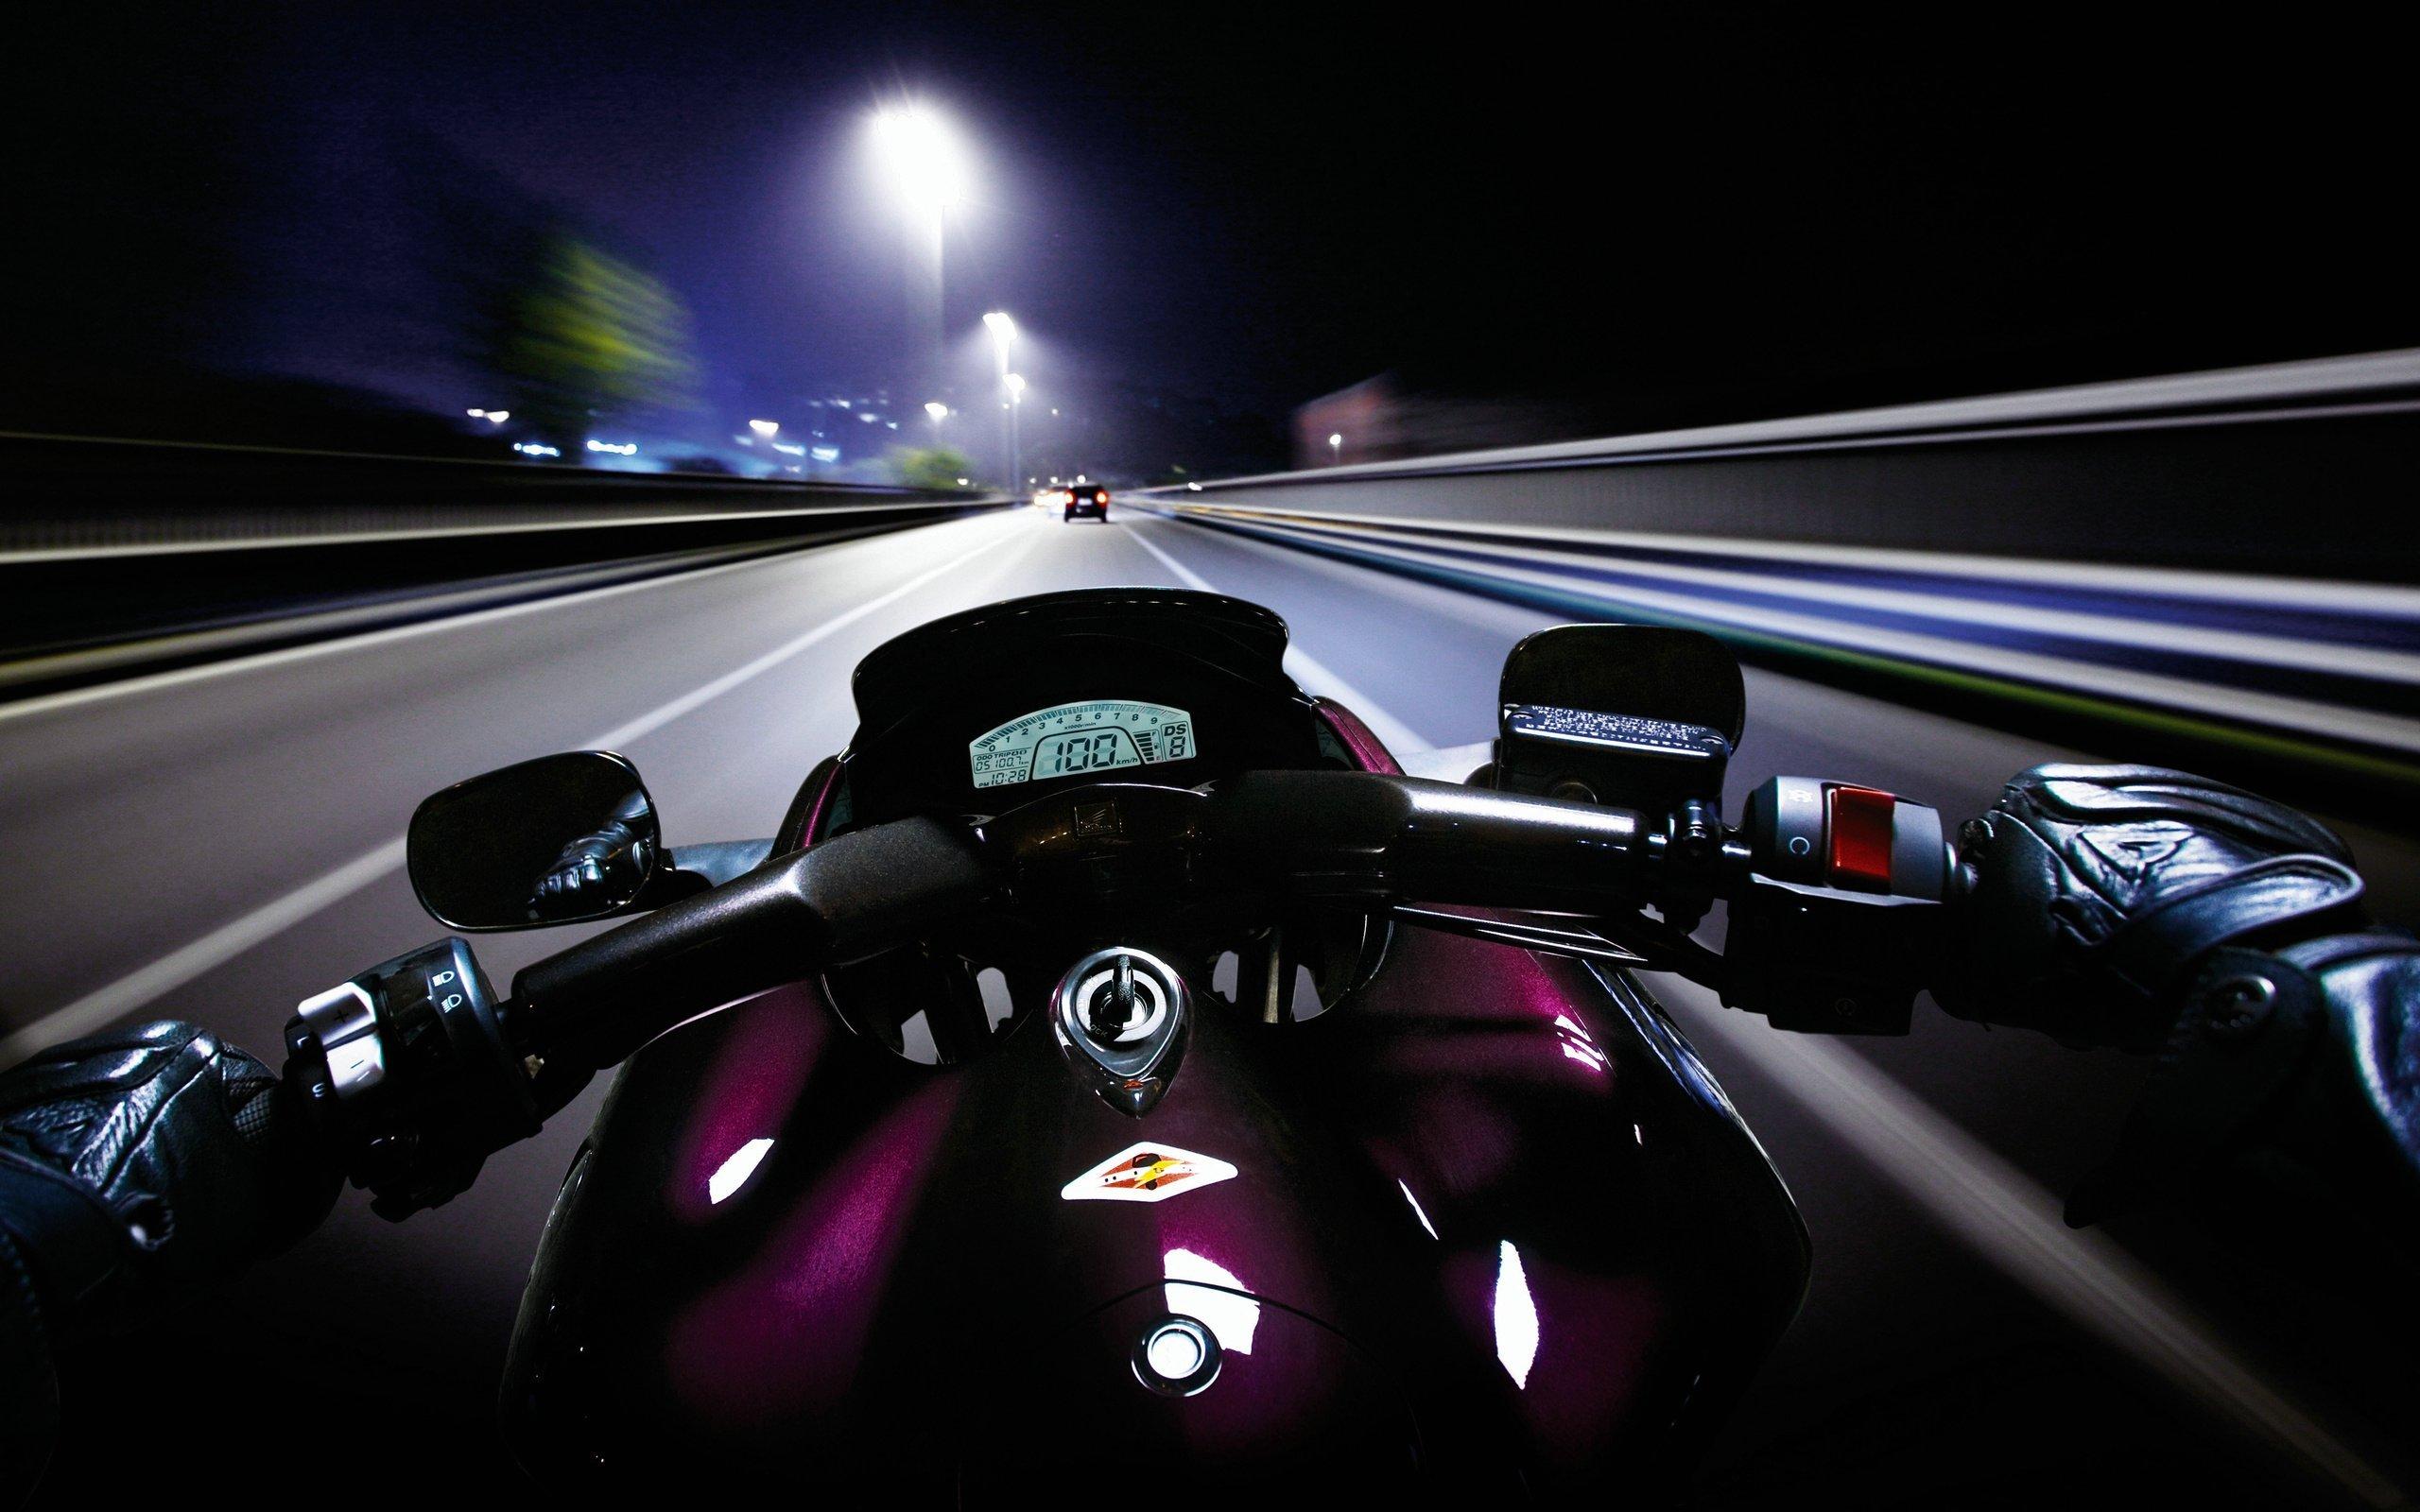 кино стала картинки мотоцикл скорость всегда